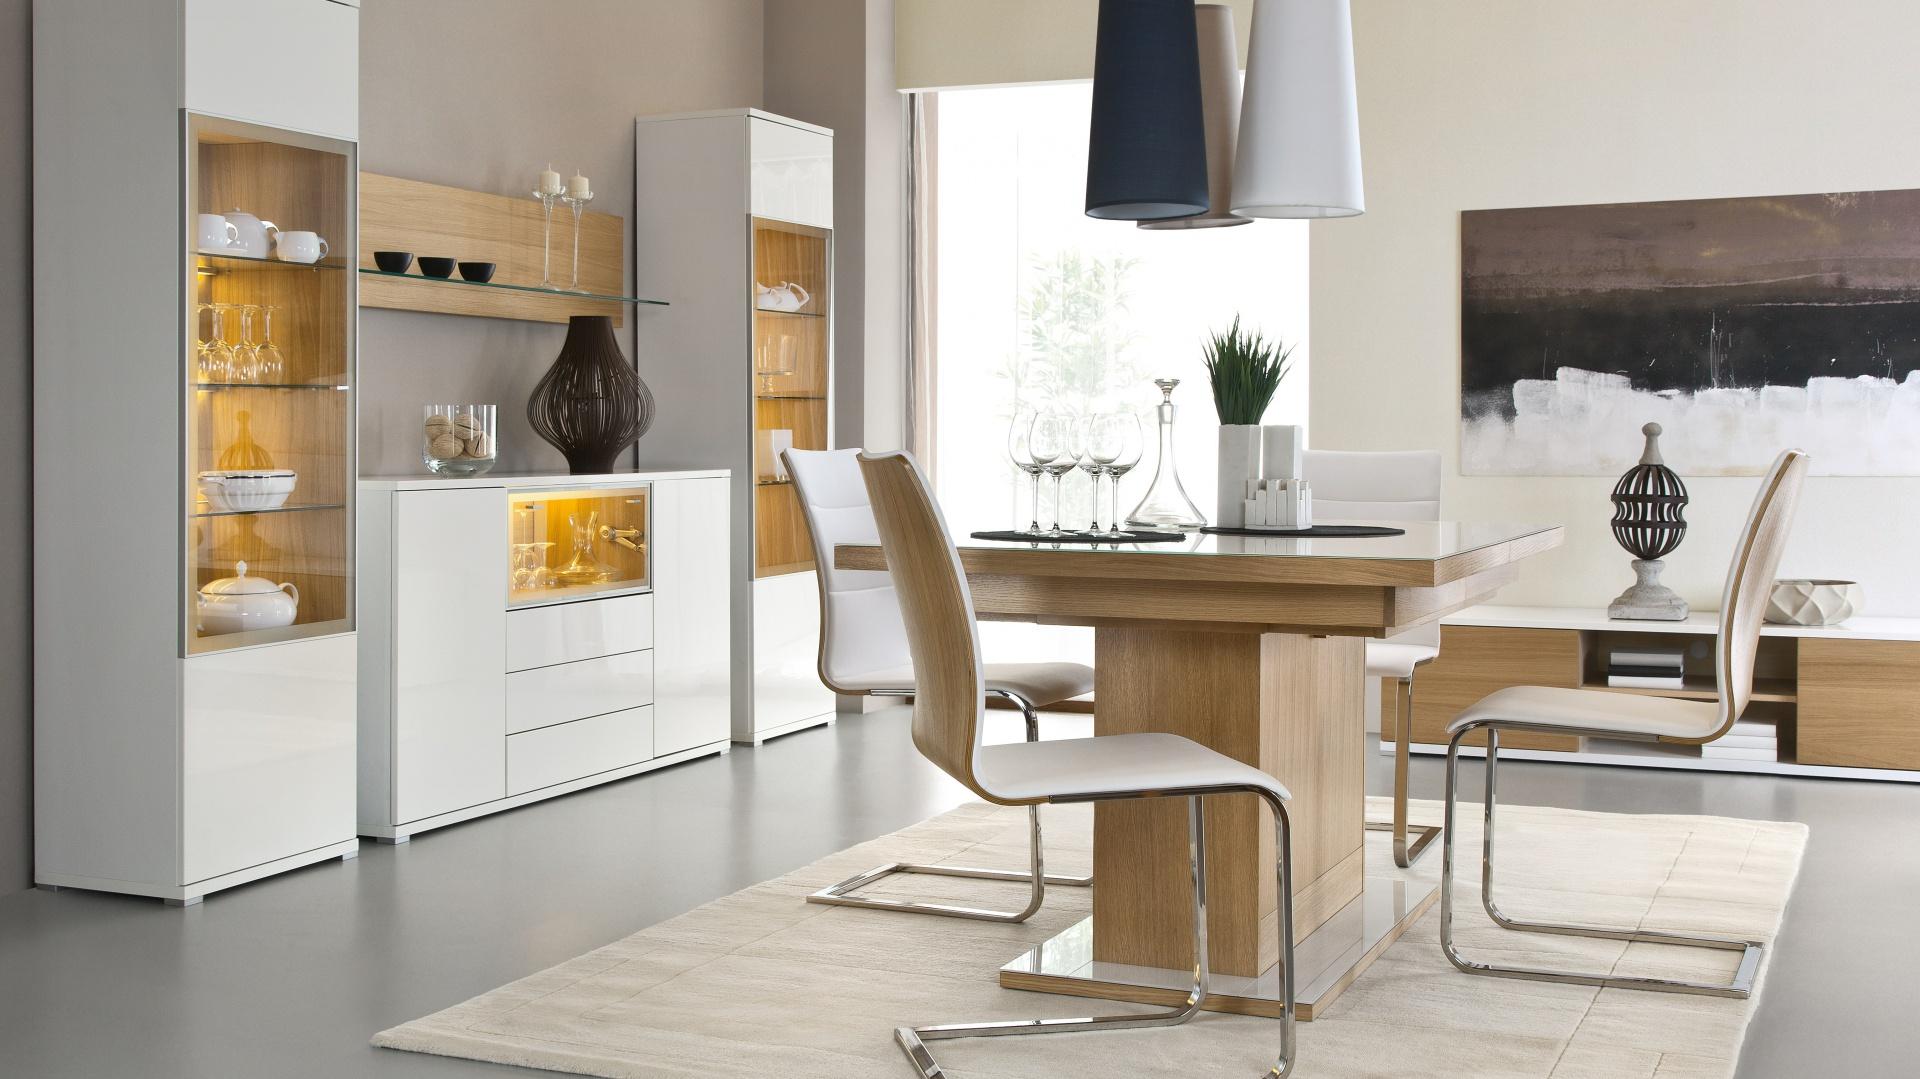 Bianco to nowoczesna kolekcja mebli do jadalni. Połączenie naturalnego, przytulnego koloru drewna ze śnieżną bielą i zamknięcie obu barw w geometryczną formę zapewnia niepowtarzalny efekt. Krzesła na metalowych nogach nadają całości lekki charakter, a przeszklone szafki nawiązują do tradycyjnych regałów. Fot. Paged.